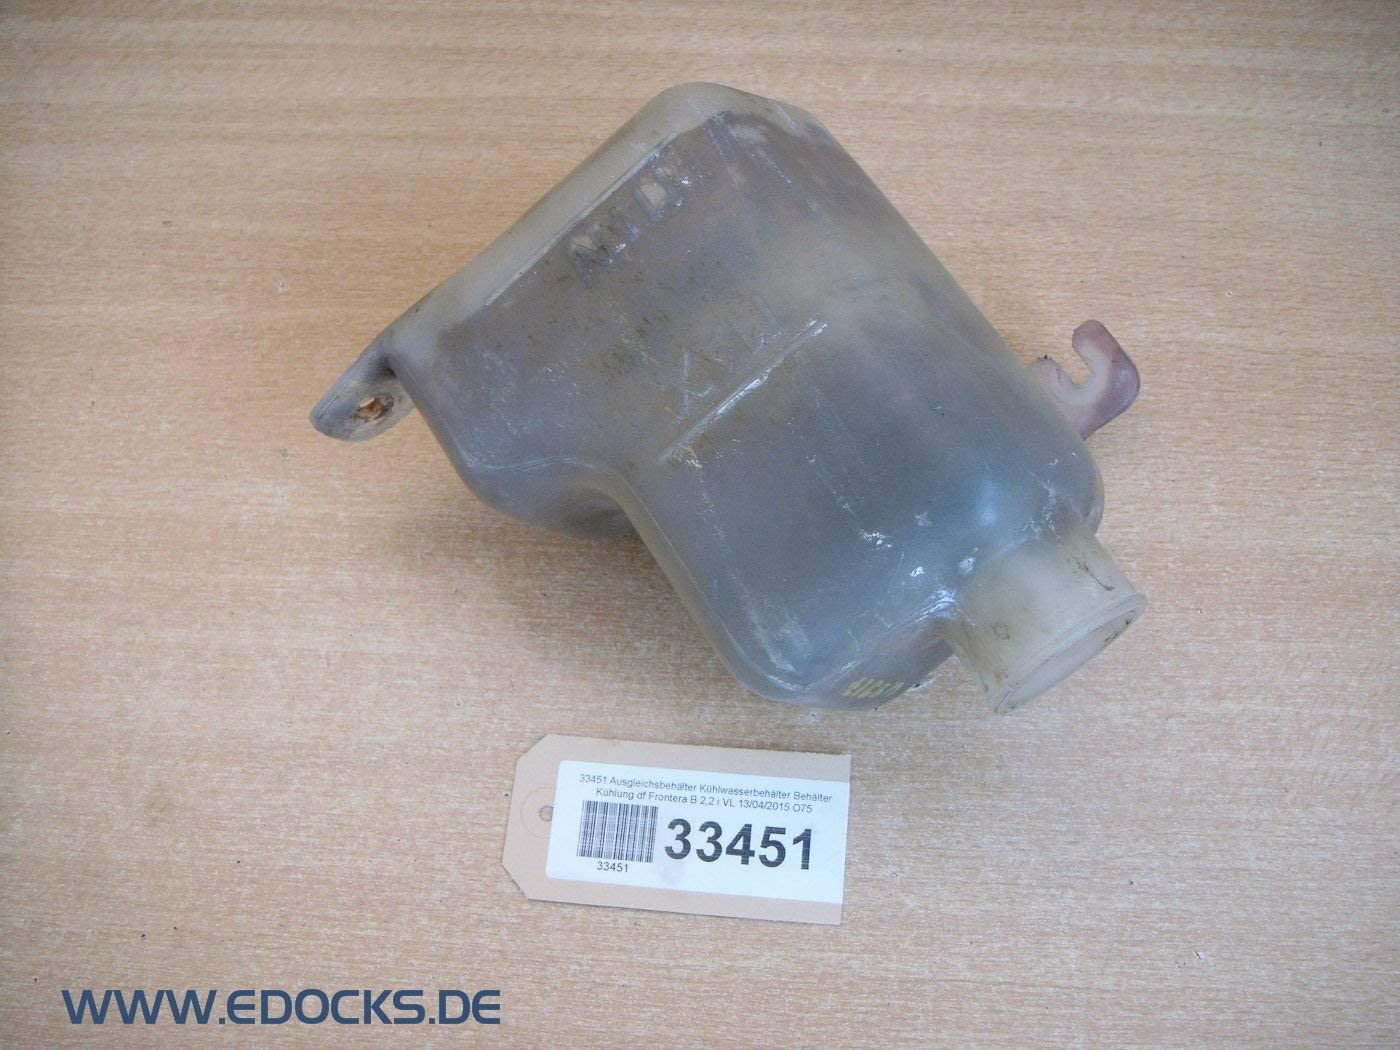 Ausgleichsbehälter Kühlwasserbehälter Behälter Kühlung Df Frontera B 2 2 I Opel Auto